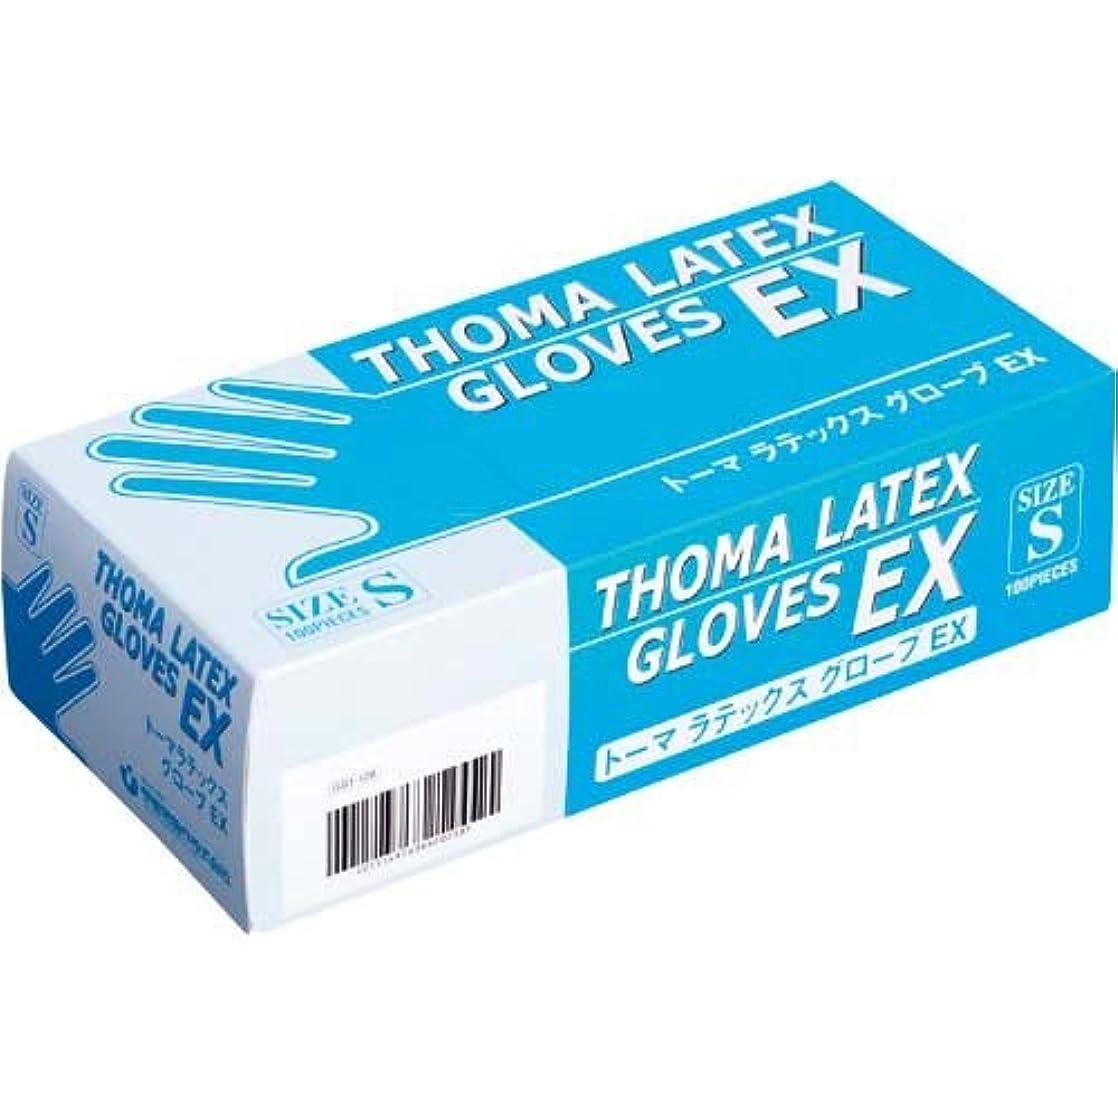 道路を作るプロセス眠るトムオードリース宇都宮製作 トーマラテックス EX粉付 S 100枚入×10